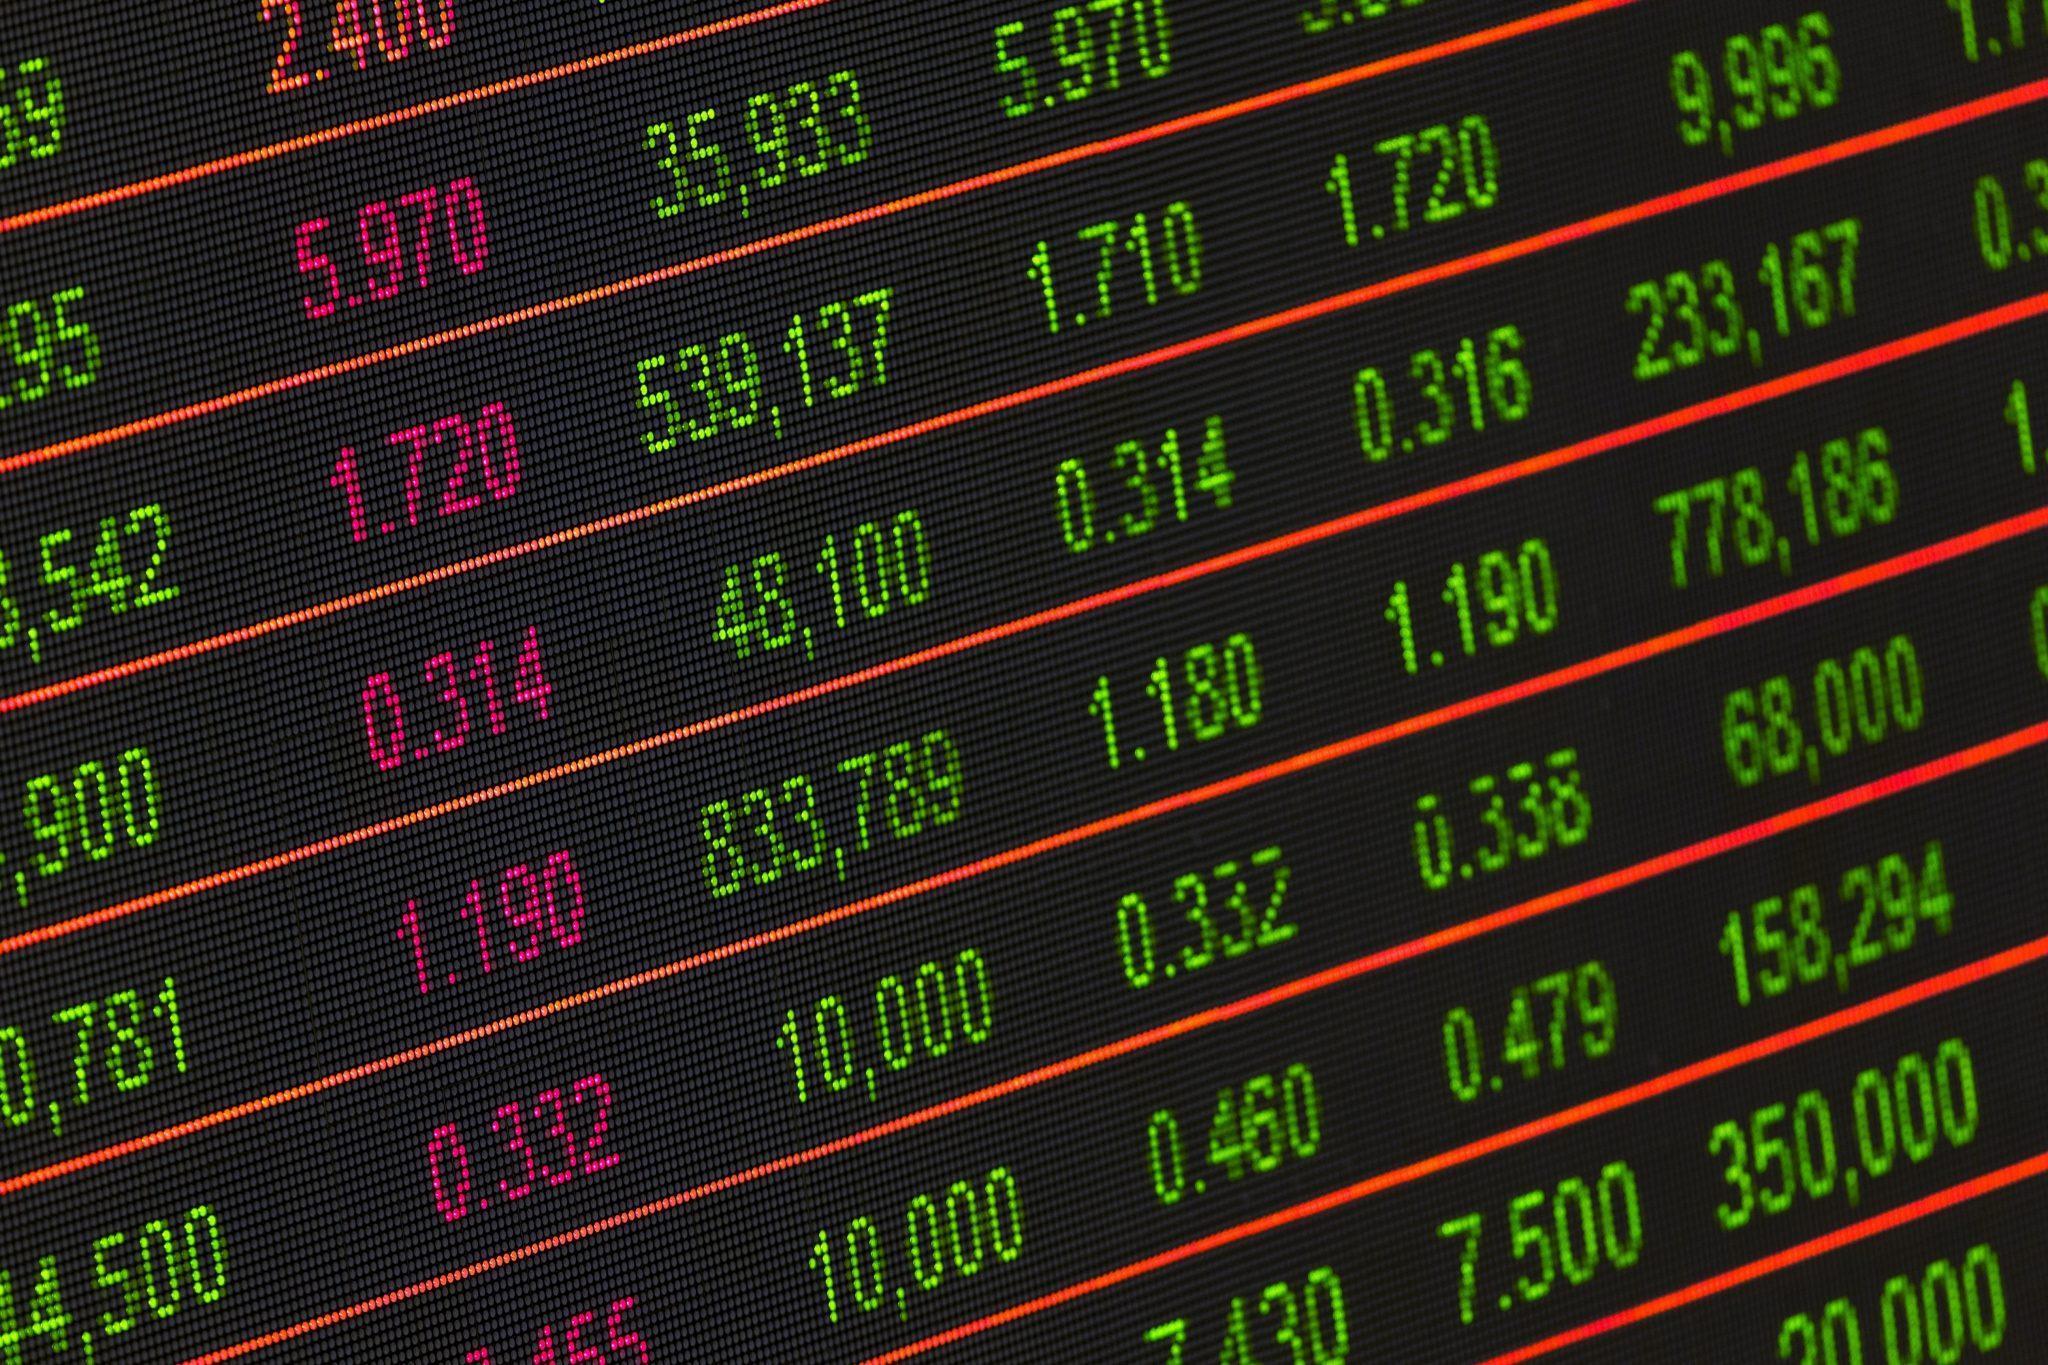 Bináris opciók vs CFD kereskedés – Mi a különbség?